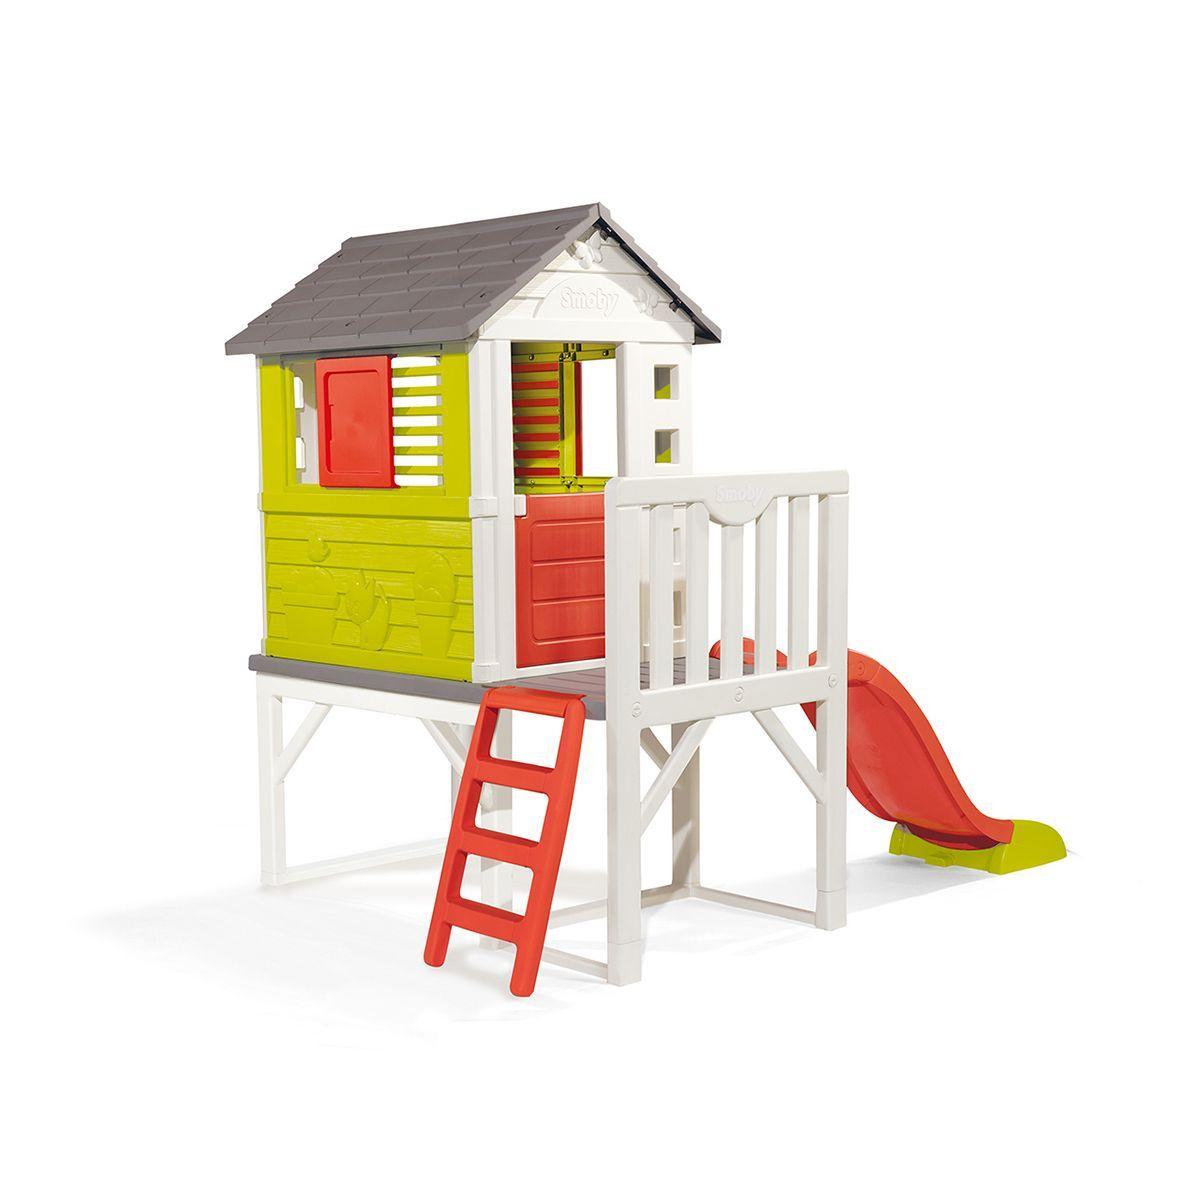 Cabane Enfant Pilotis - Smoby | Maison Sur Pilotis, Cabane ... à Maison Jardin Smoby